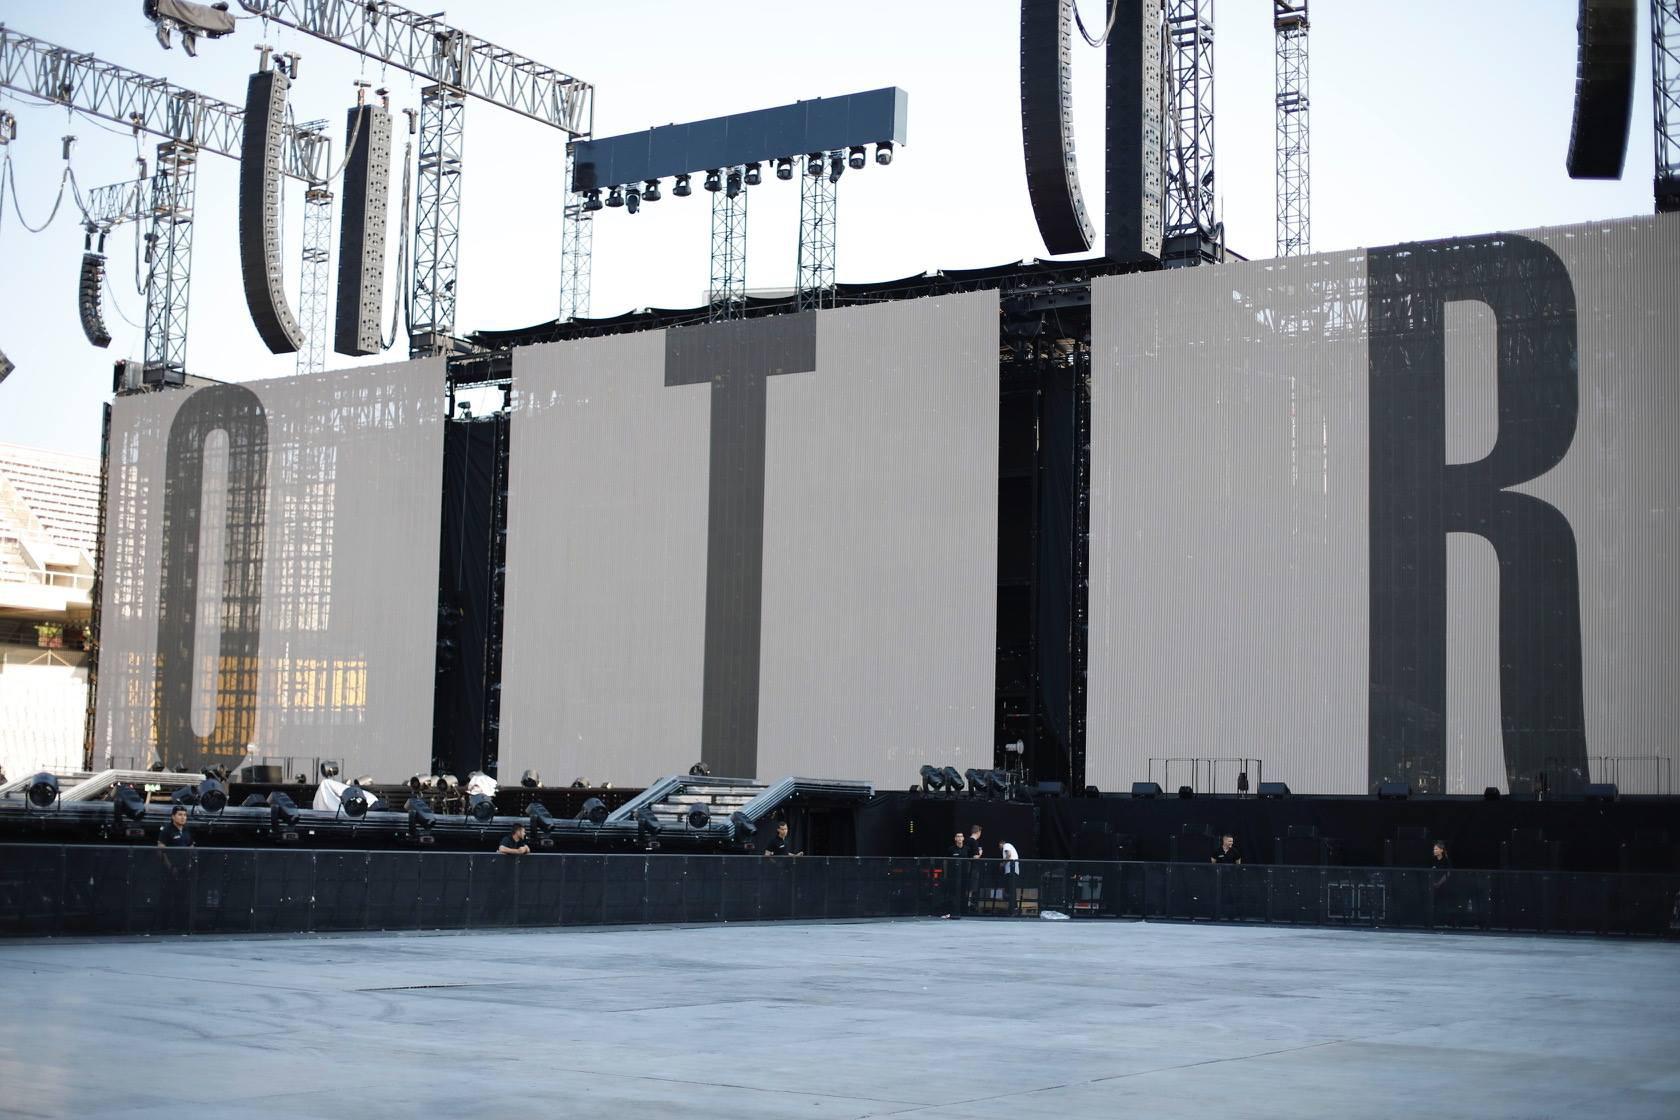 Tâm lí như Beyoncé - Jay Z: Mở cửa concert sớm cho fan xem chung kết World Cup - Ảnh 2.